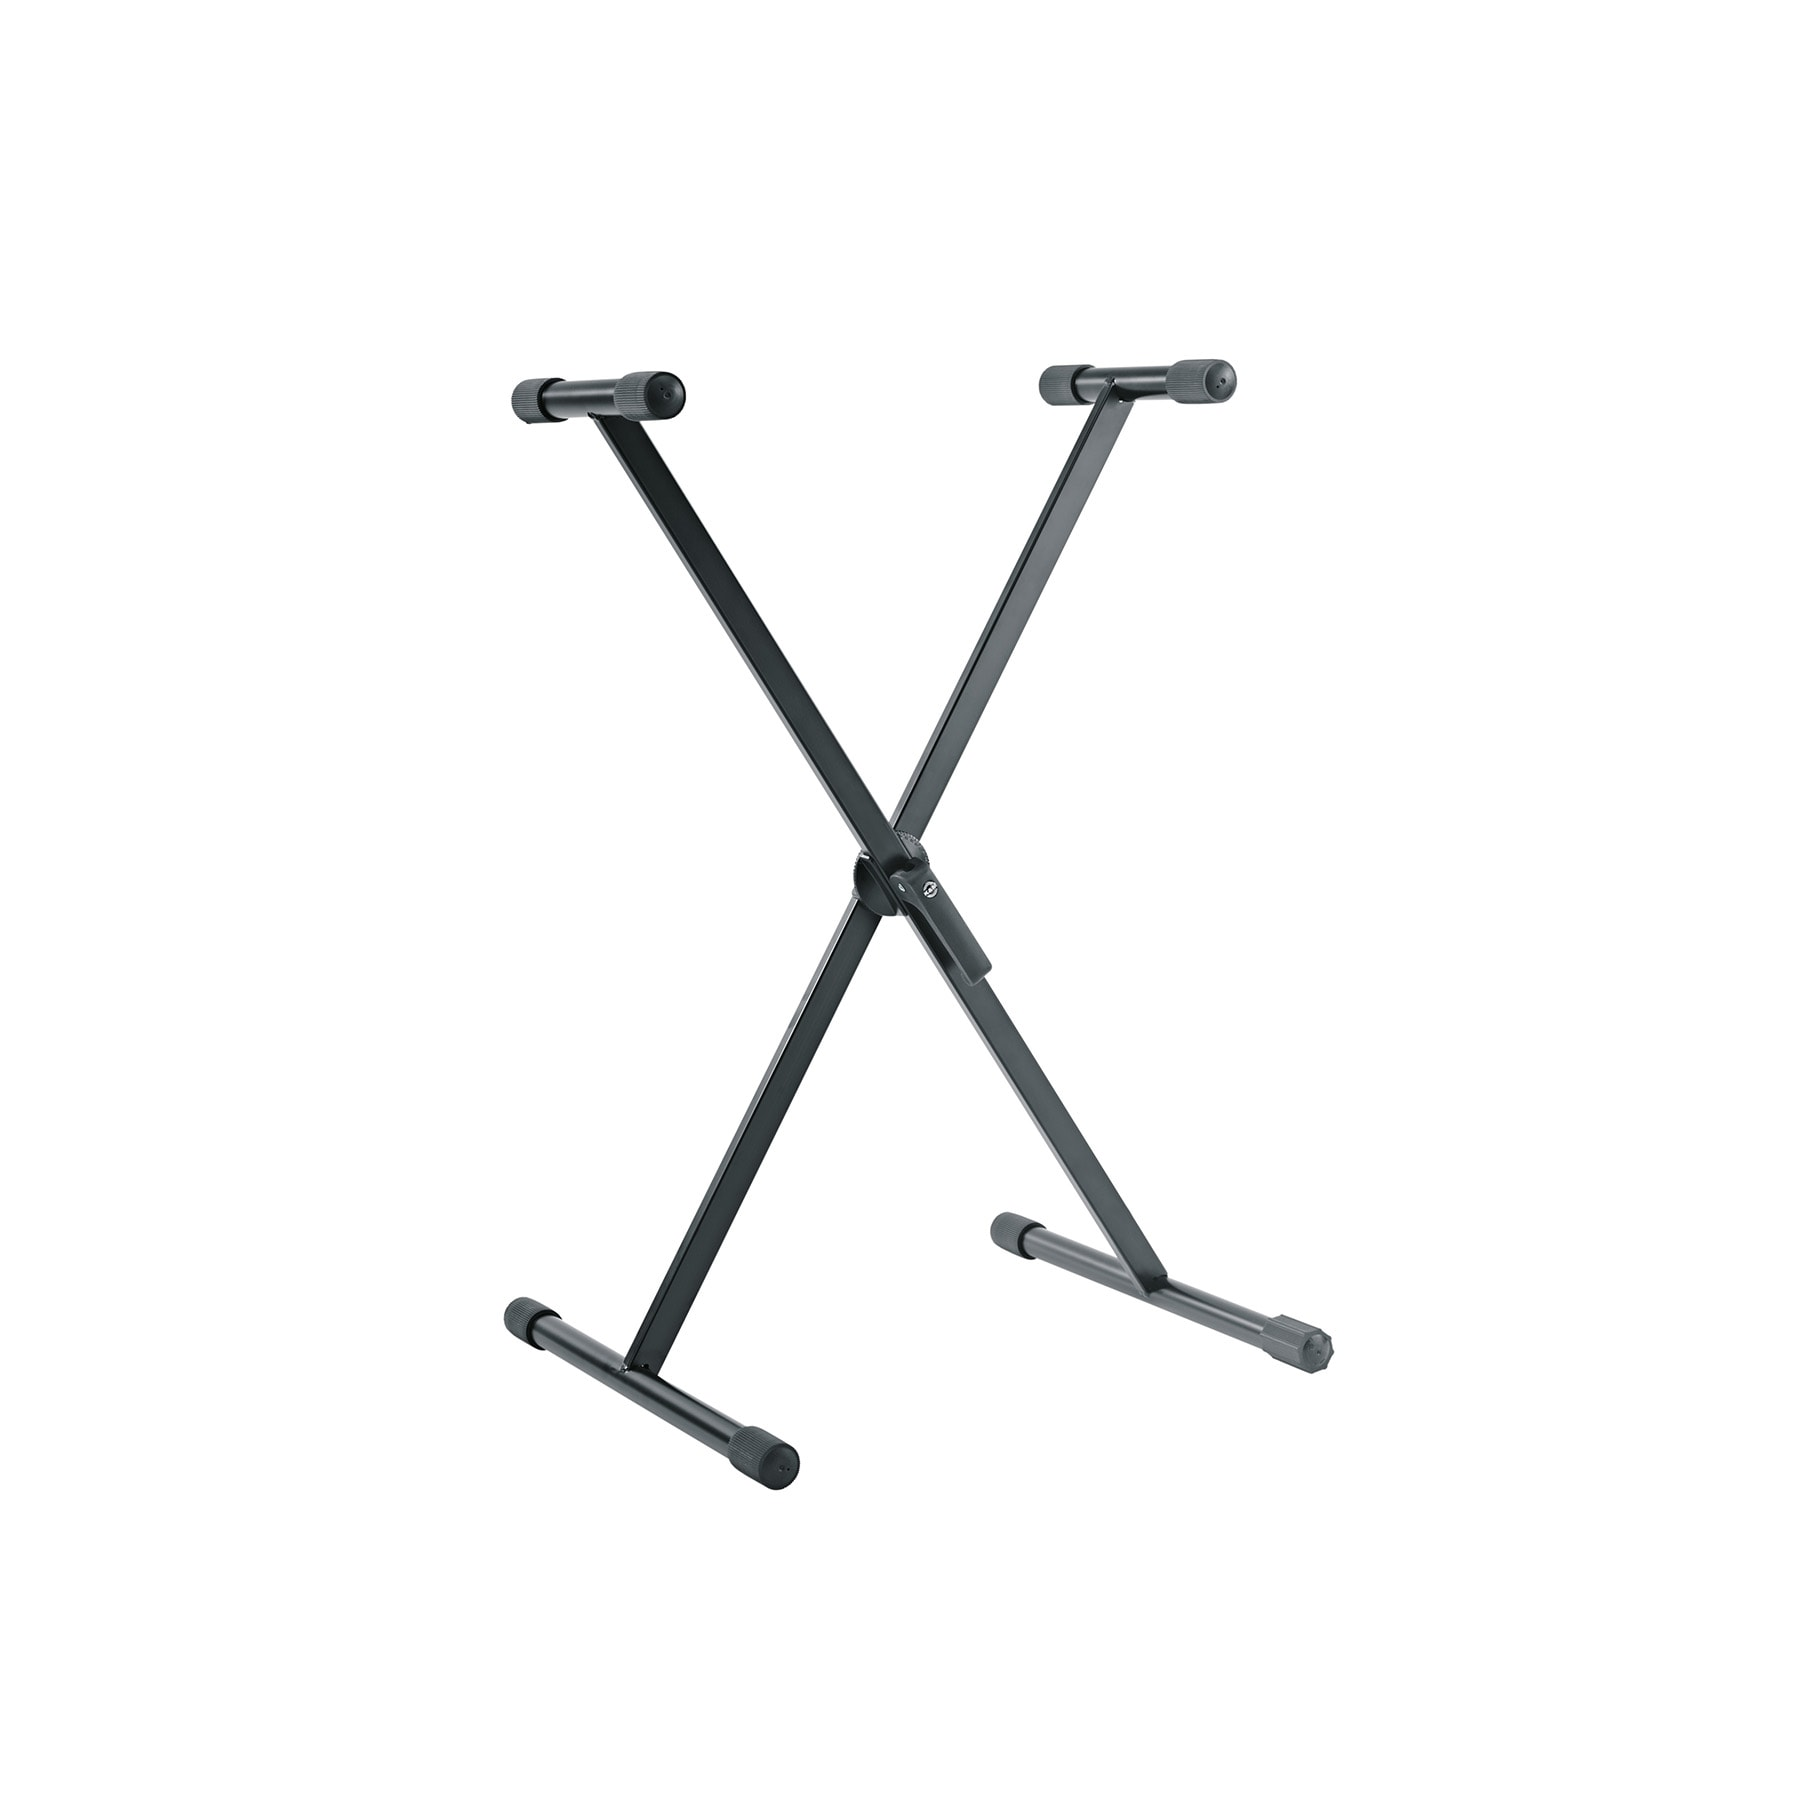 KM18930 - Keyboard stand